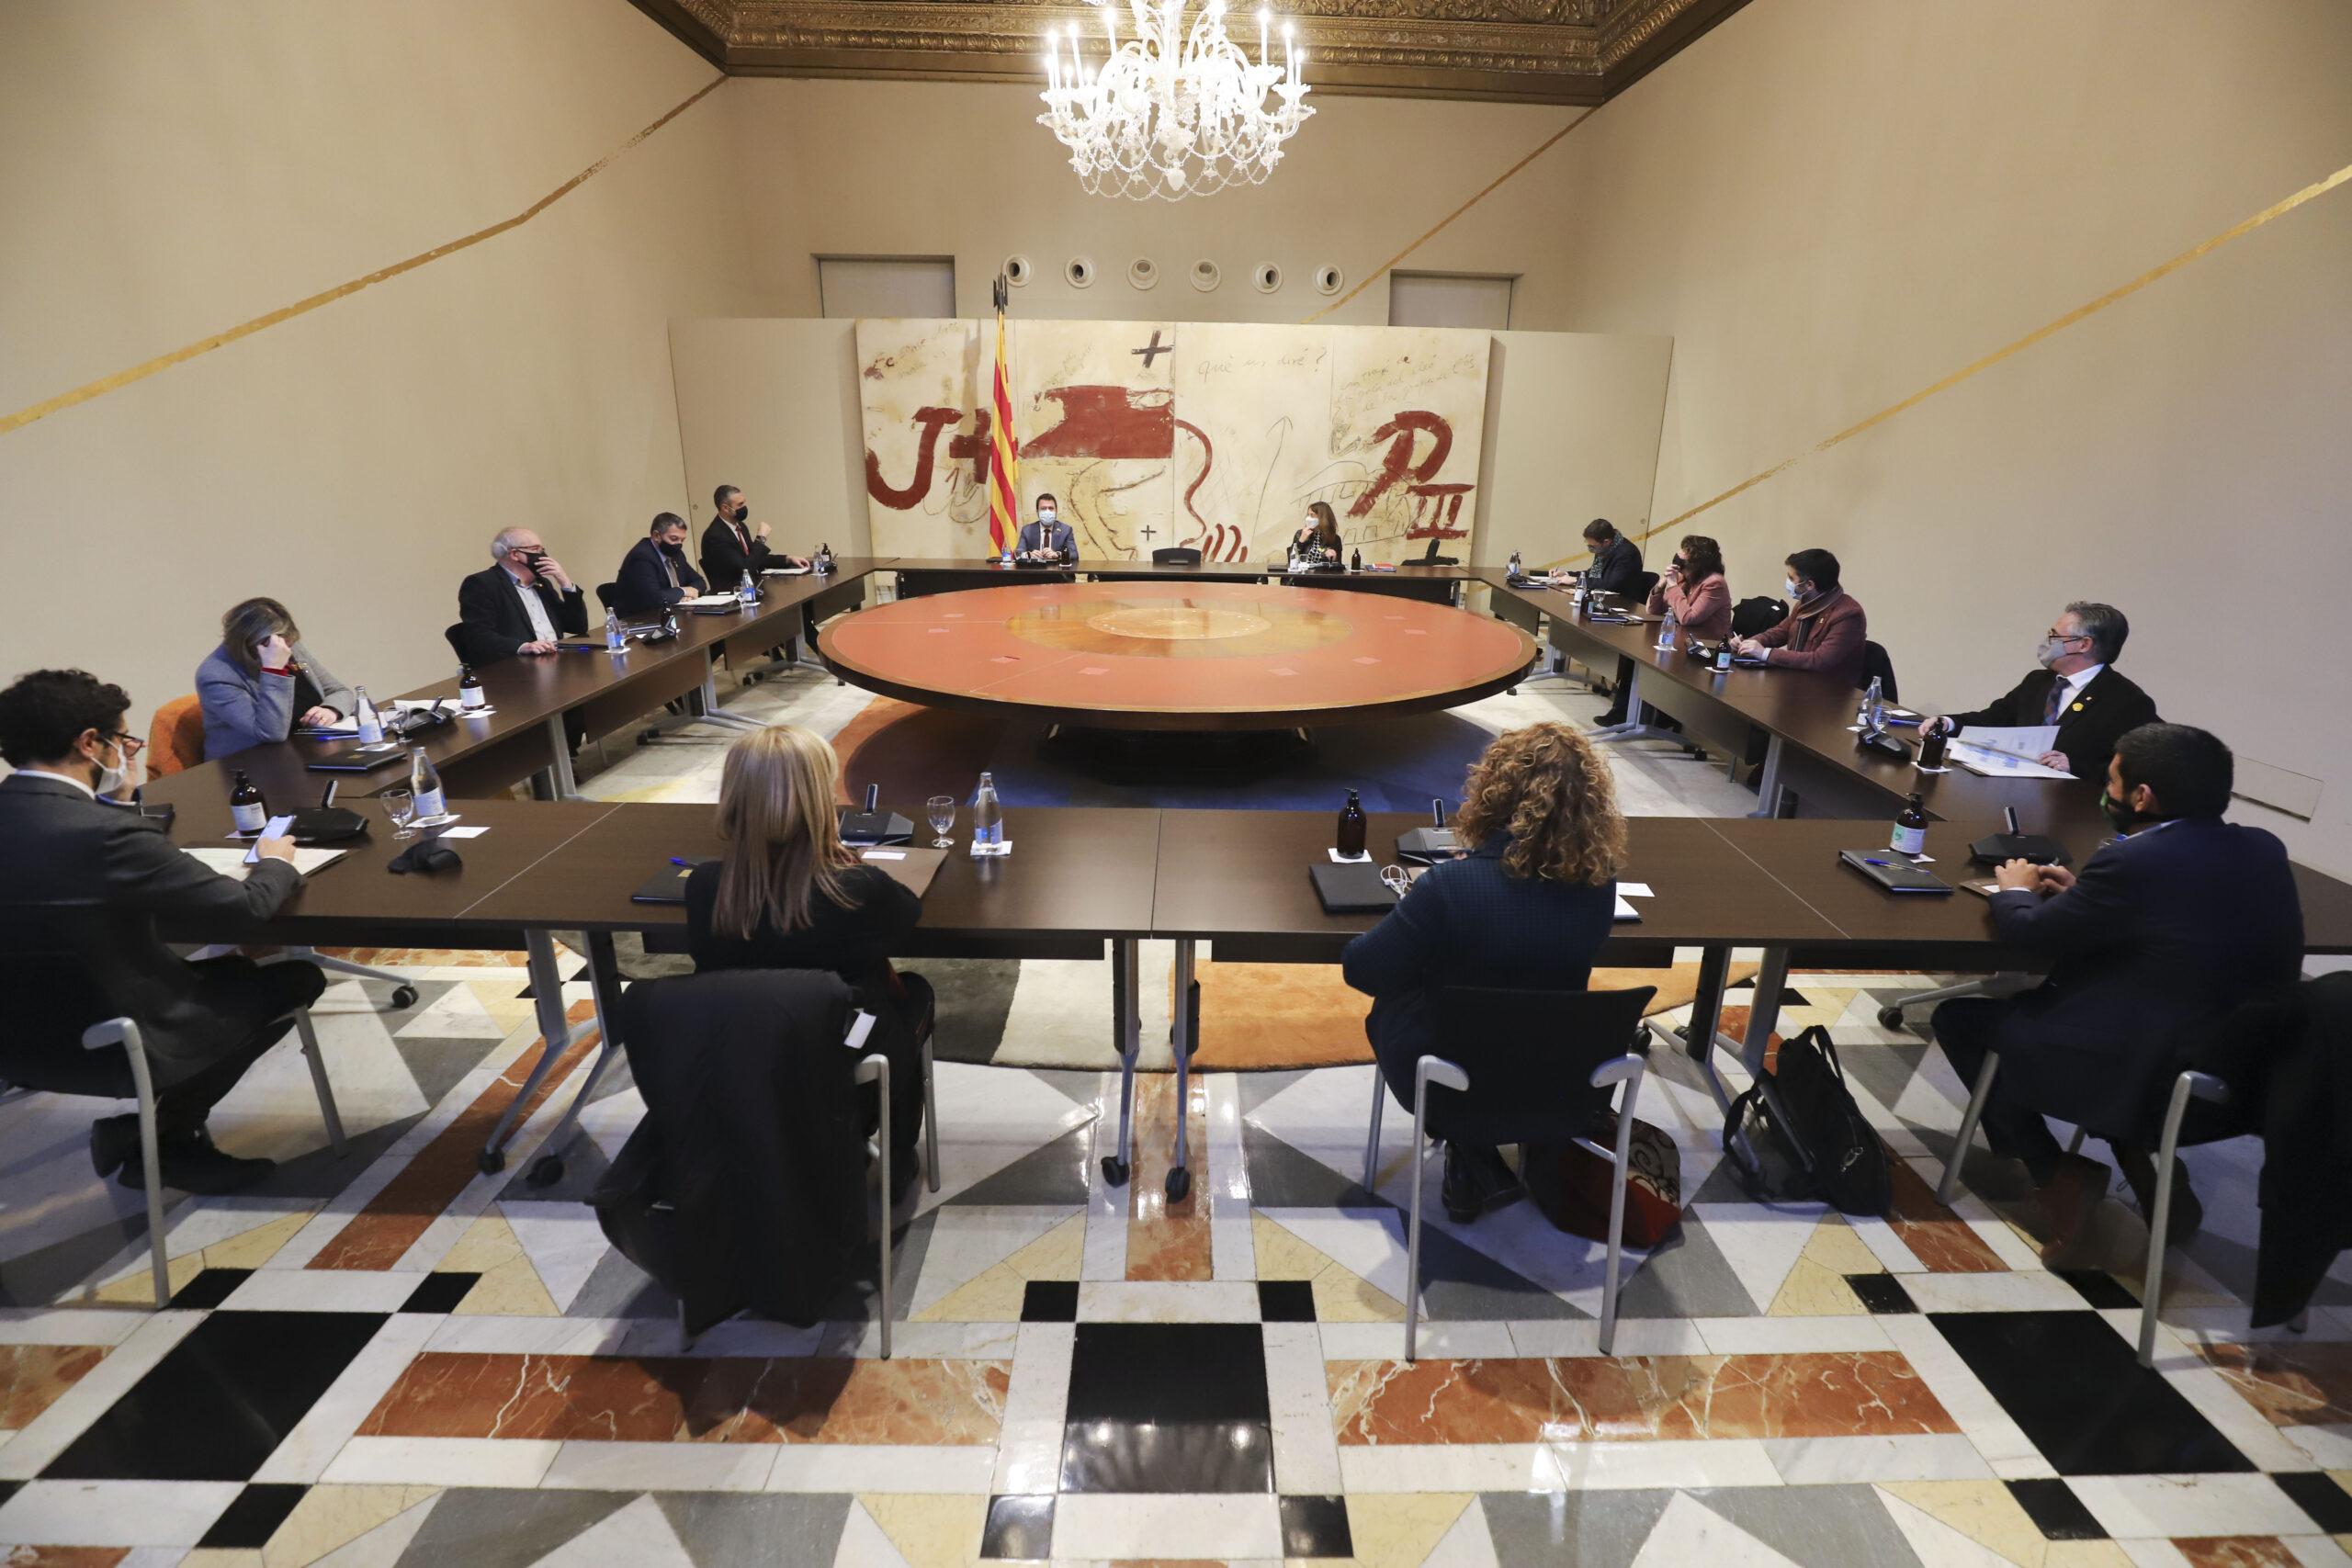 Consell executiu extraordinari en què s'ha aprovat l'ajornament electoral Ruben Moreno